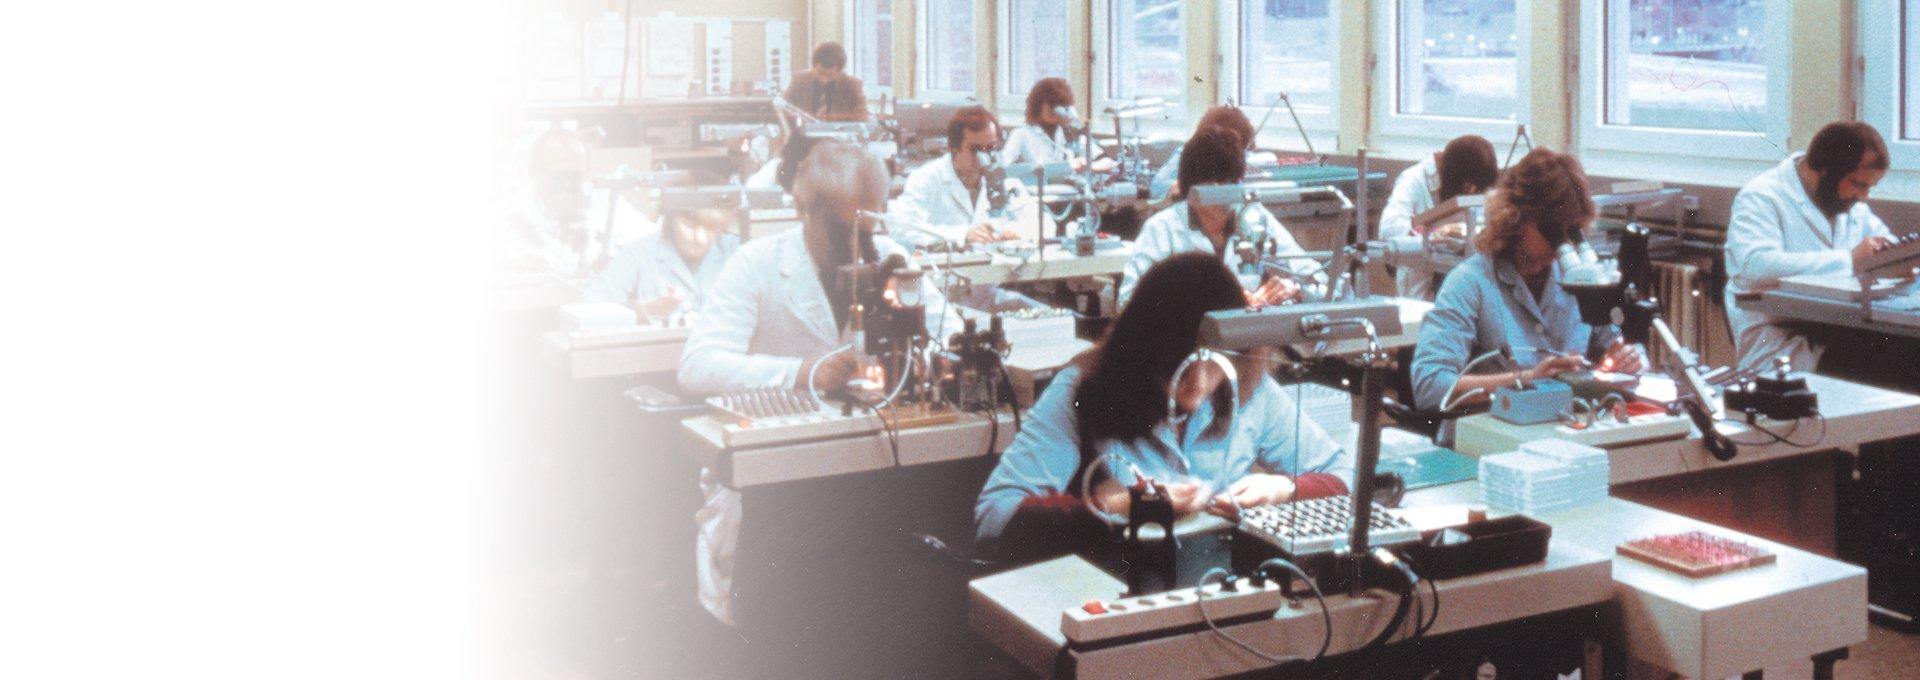 geraeteproduktion_1920x680